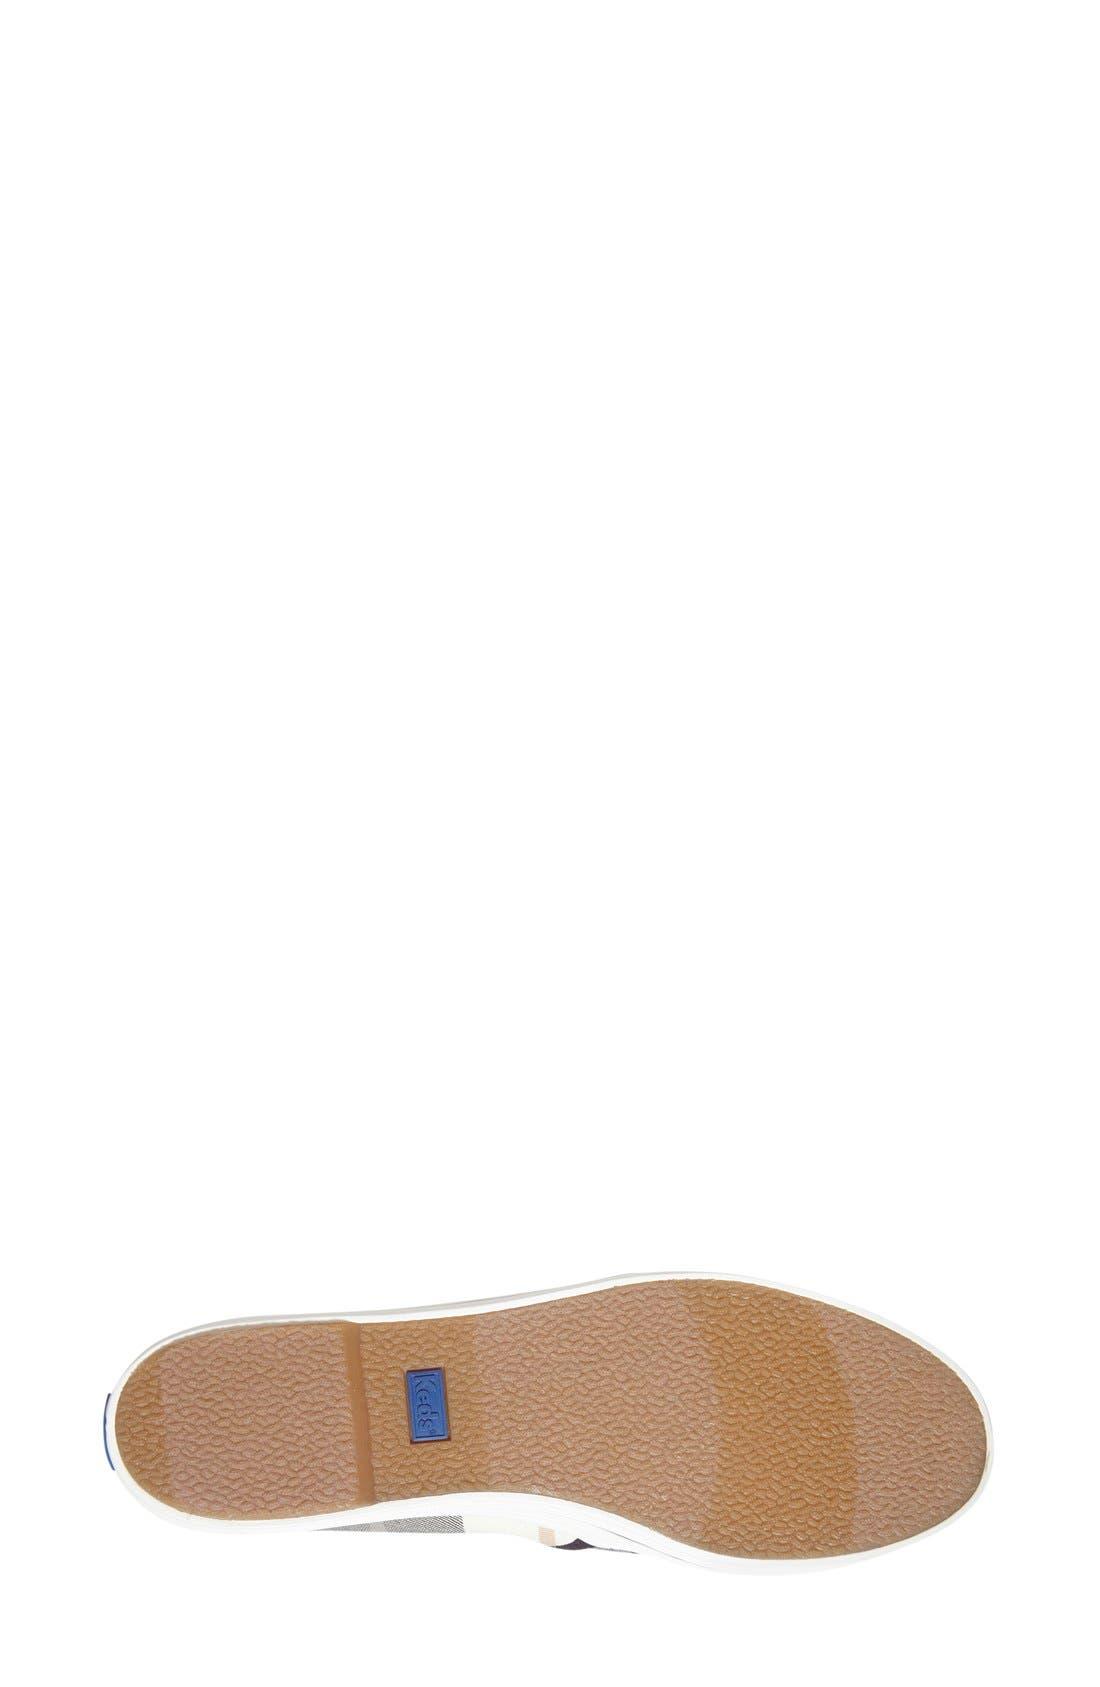 Alternate Image 4  - Keds® for kate spade new york 'decker' slip-on sneaker (Women)